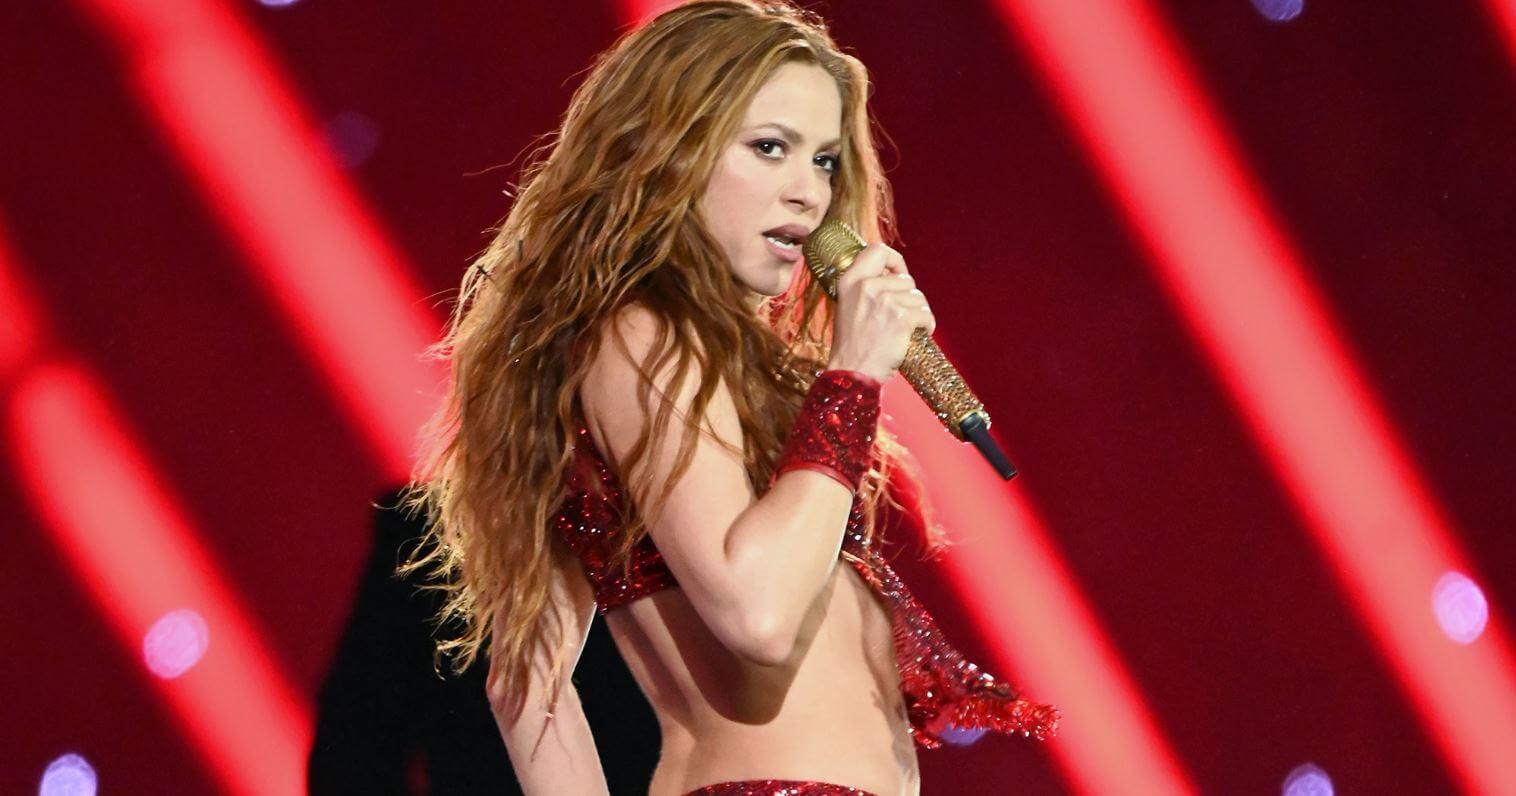 Conoce a las mejores artistas latinas de todos los tiempos según Billboard